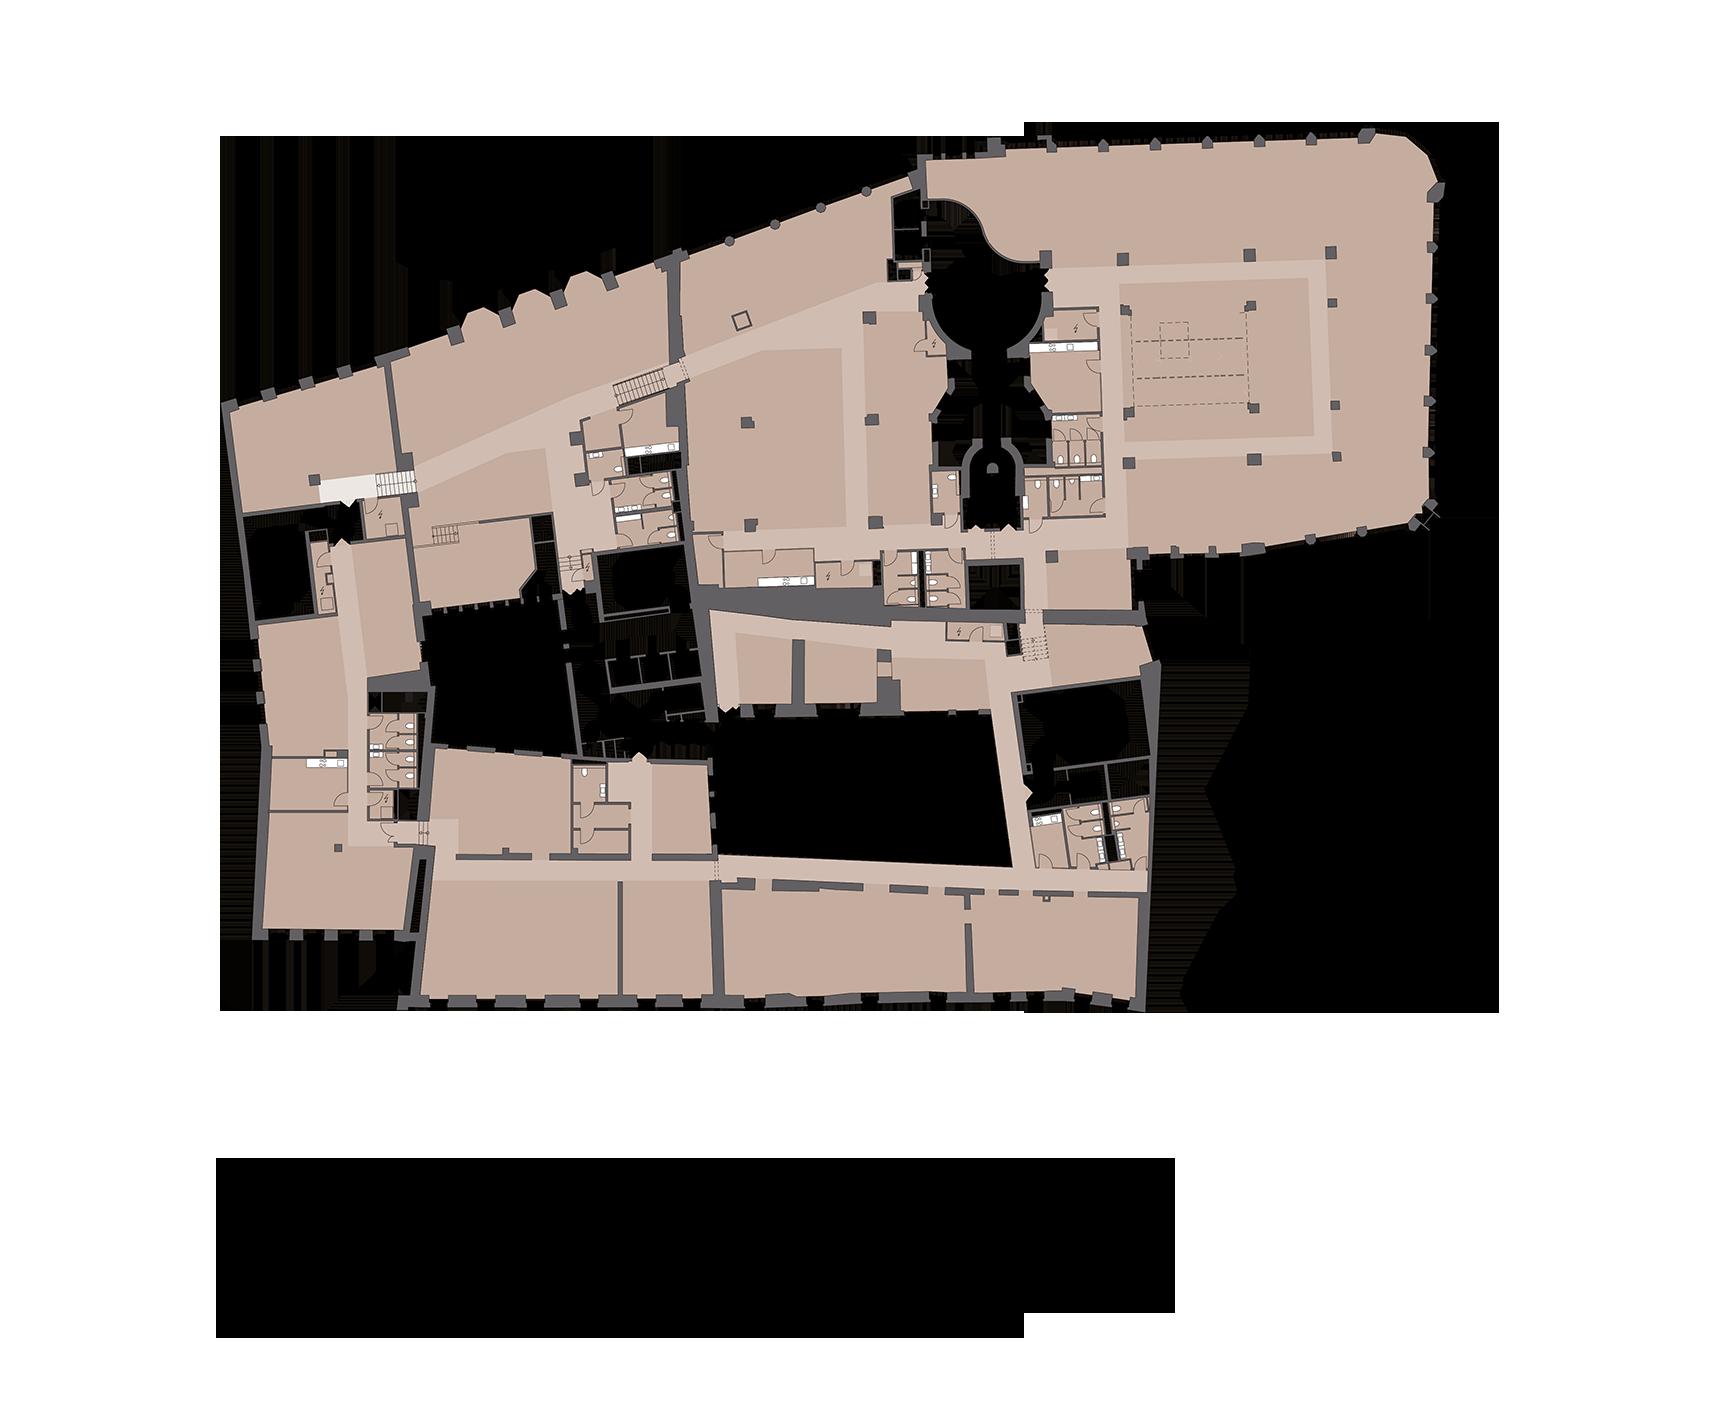 2.Obergeschoss-02 Kopie.png